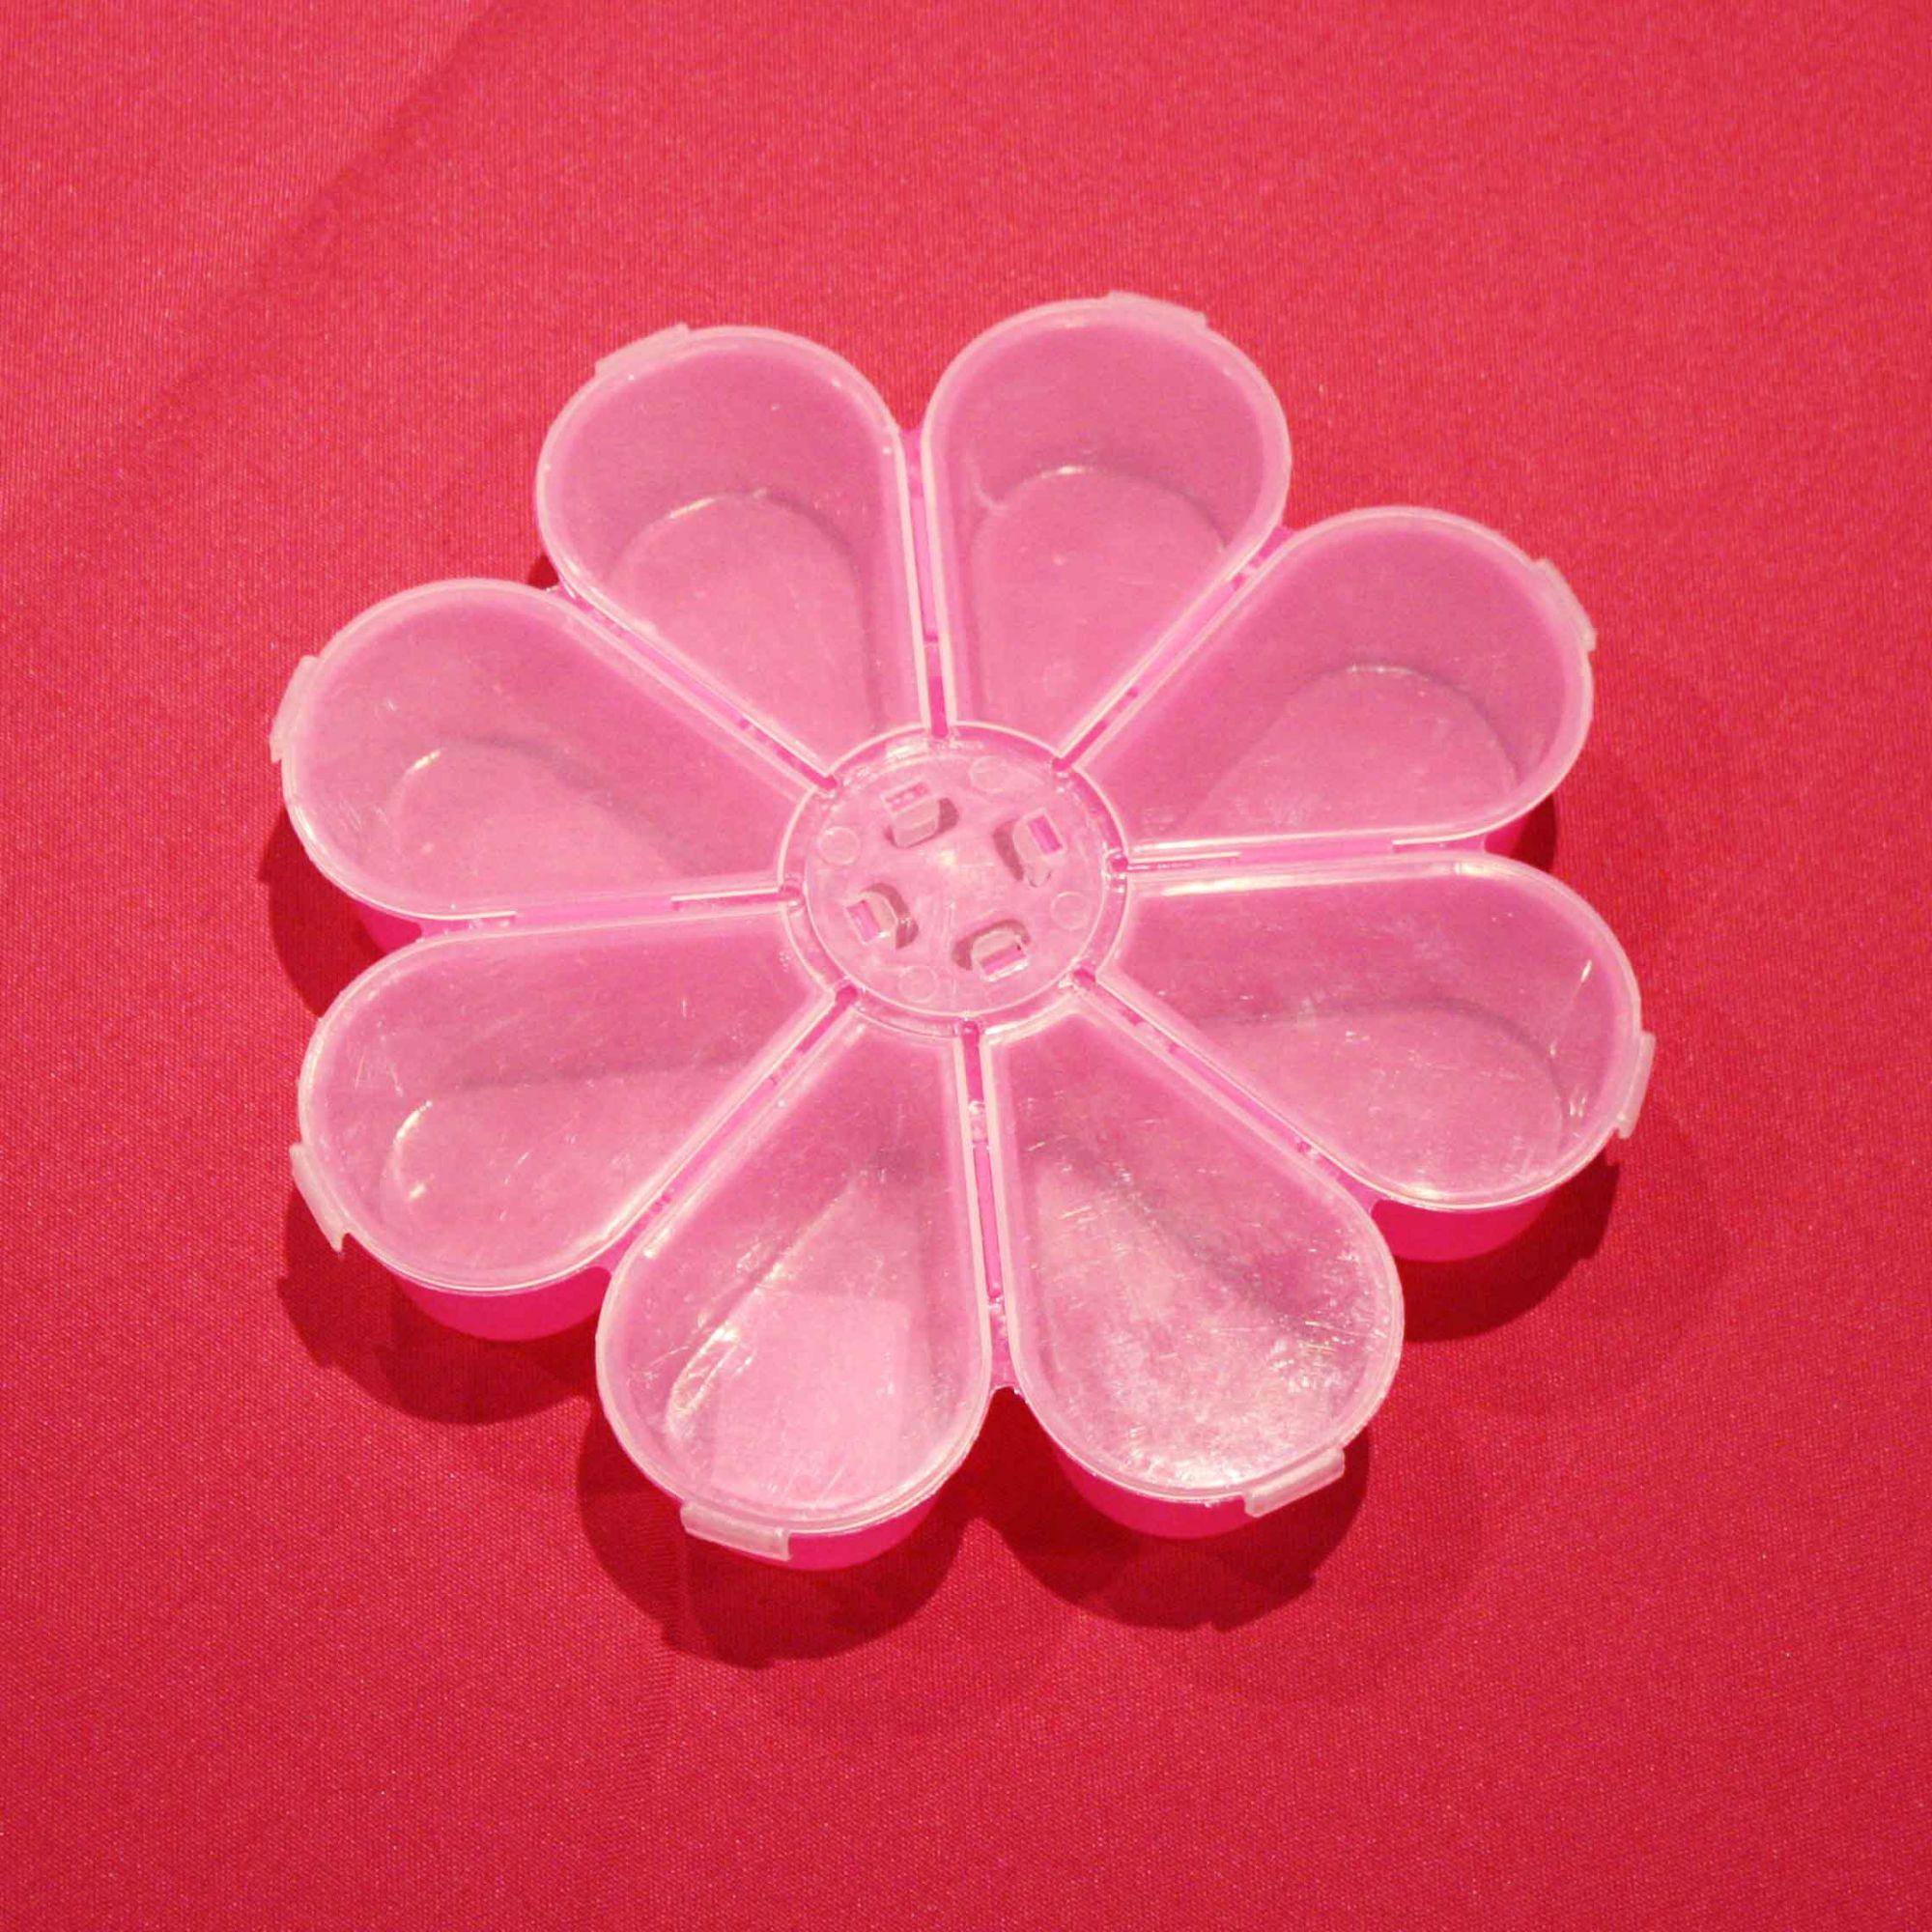 Caixa Organizadora - Flor Rosa - 18cm  - Stéphanie Bijoux® - Peças para Bijuterias e Artesanato